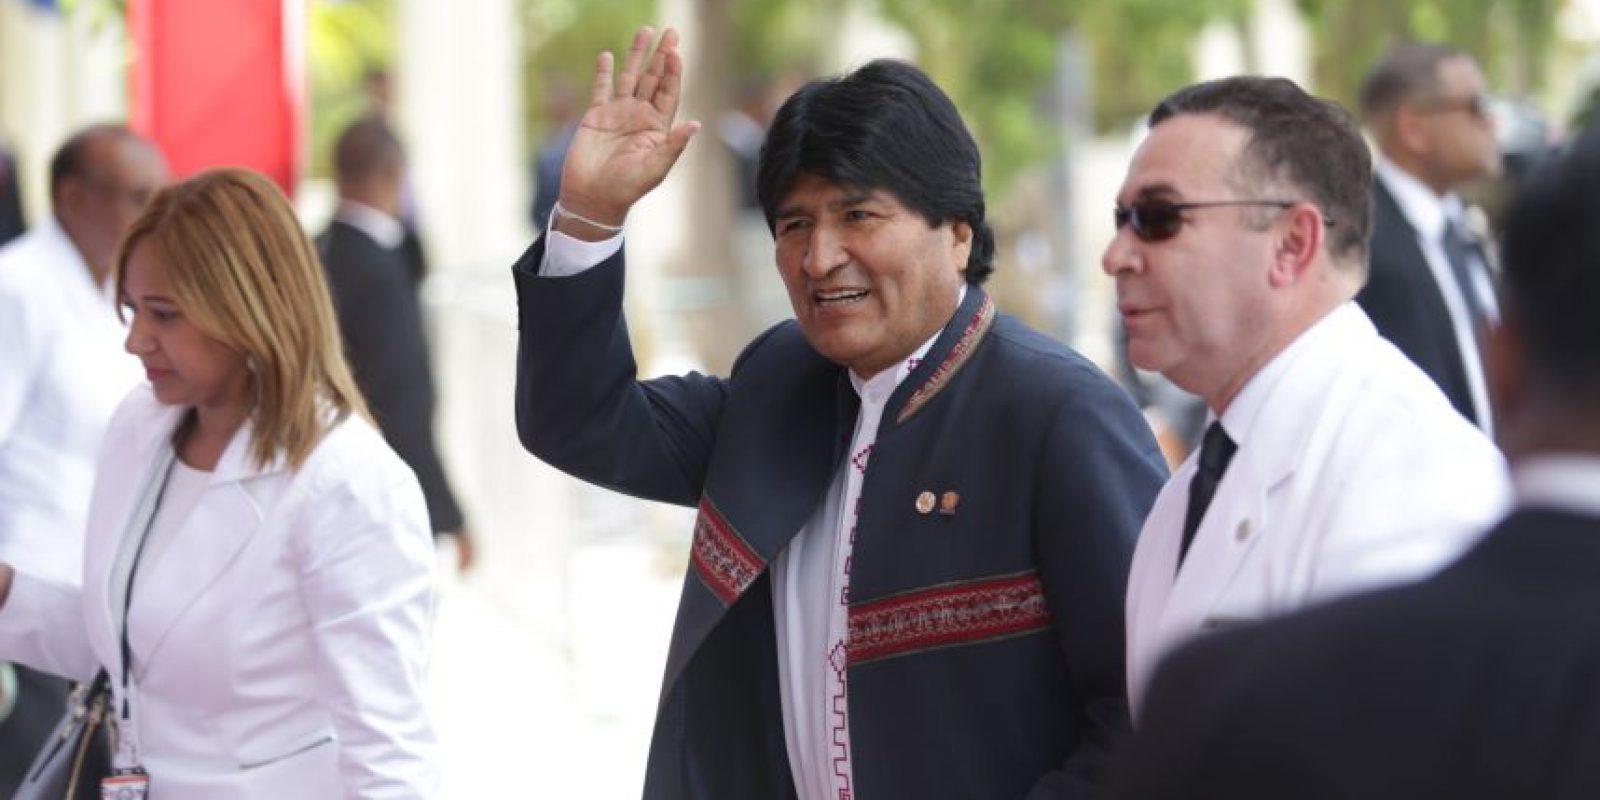 El presidente boliviano Evo Morales llegó vestido con típico atuendo. Foto:Roberto Guzmán